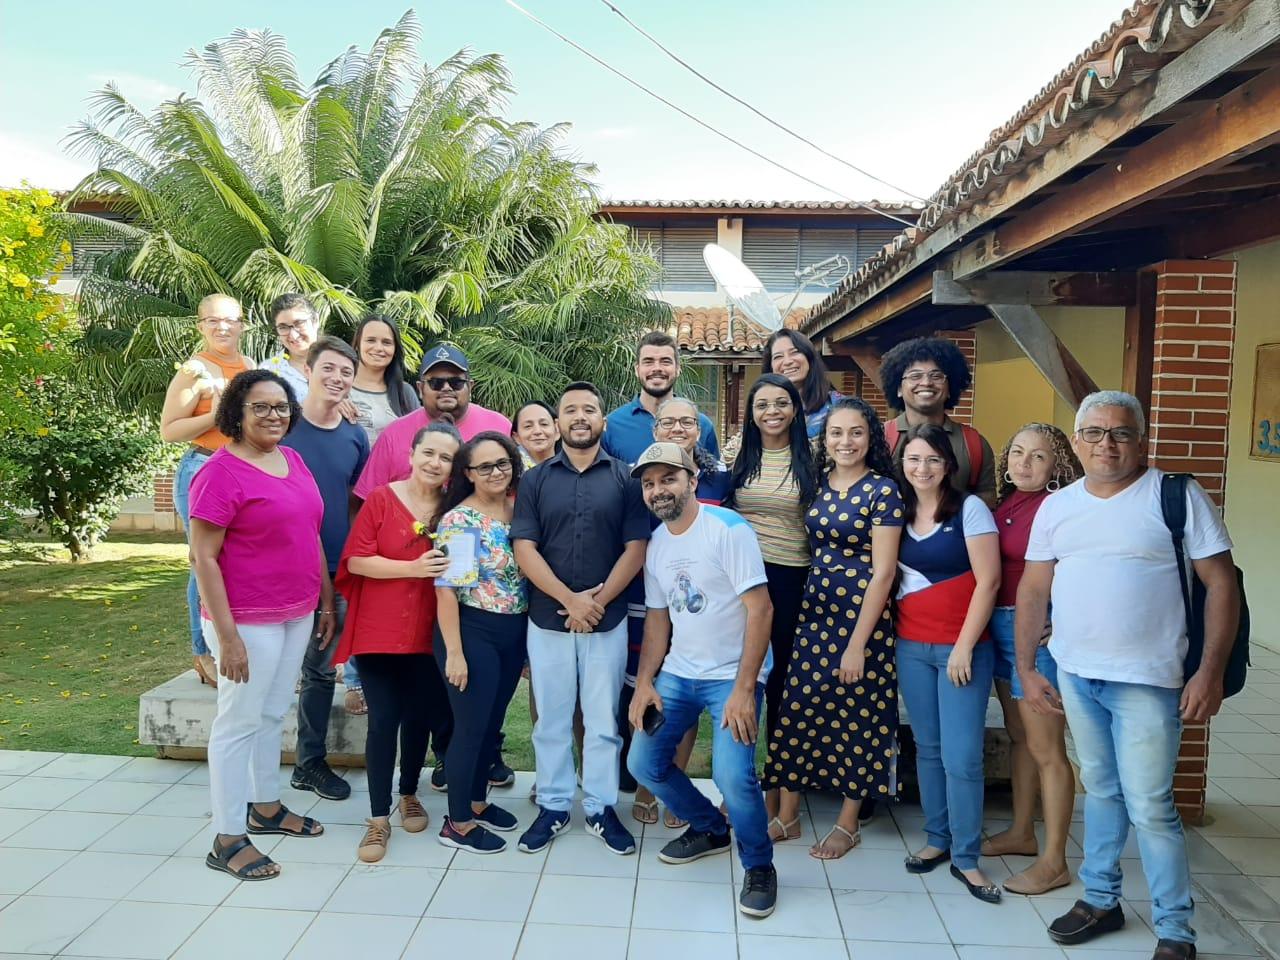 Busca ativa incentiva a permanência de estudantes na escola - Governo do  Estado do Ceará